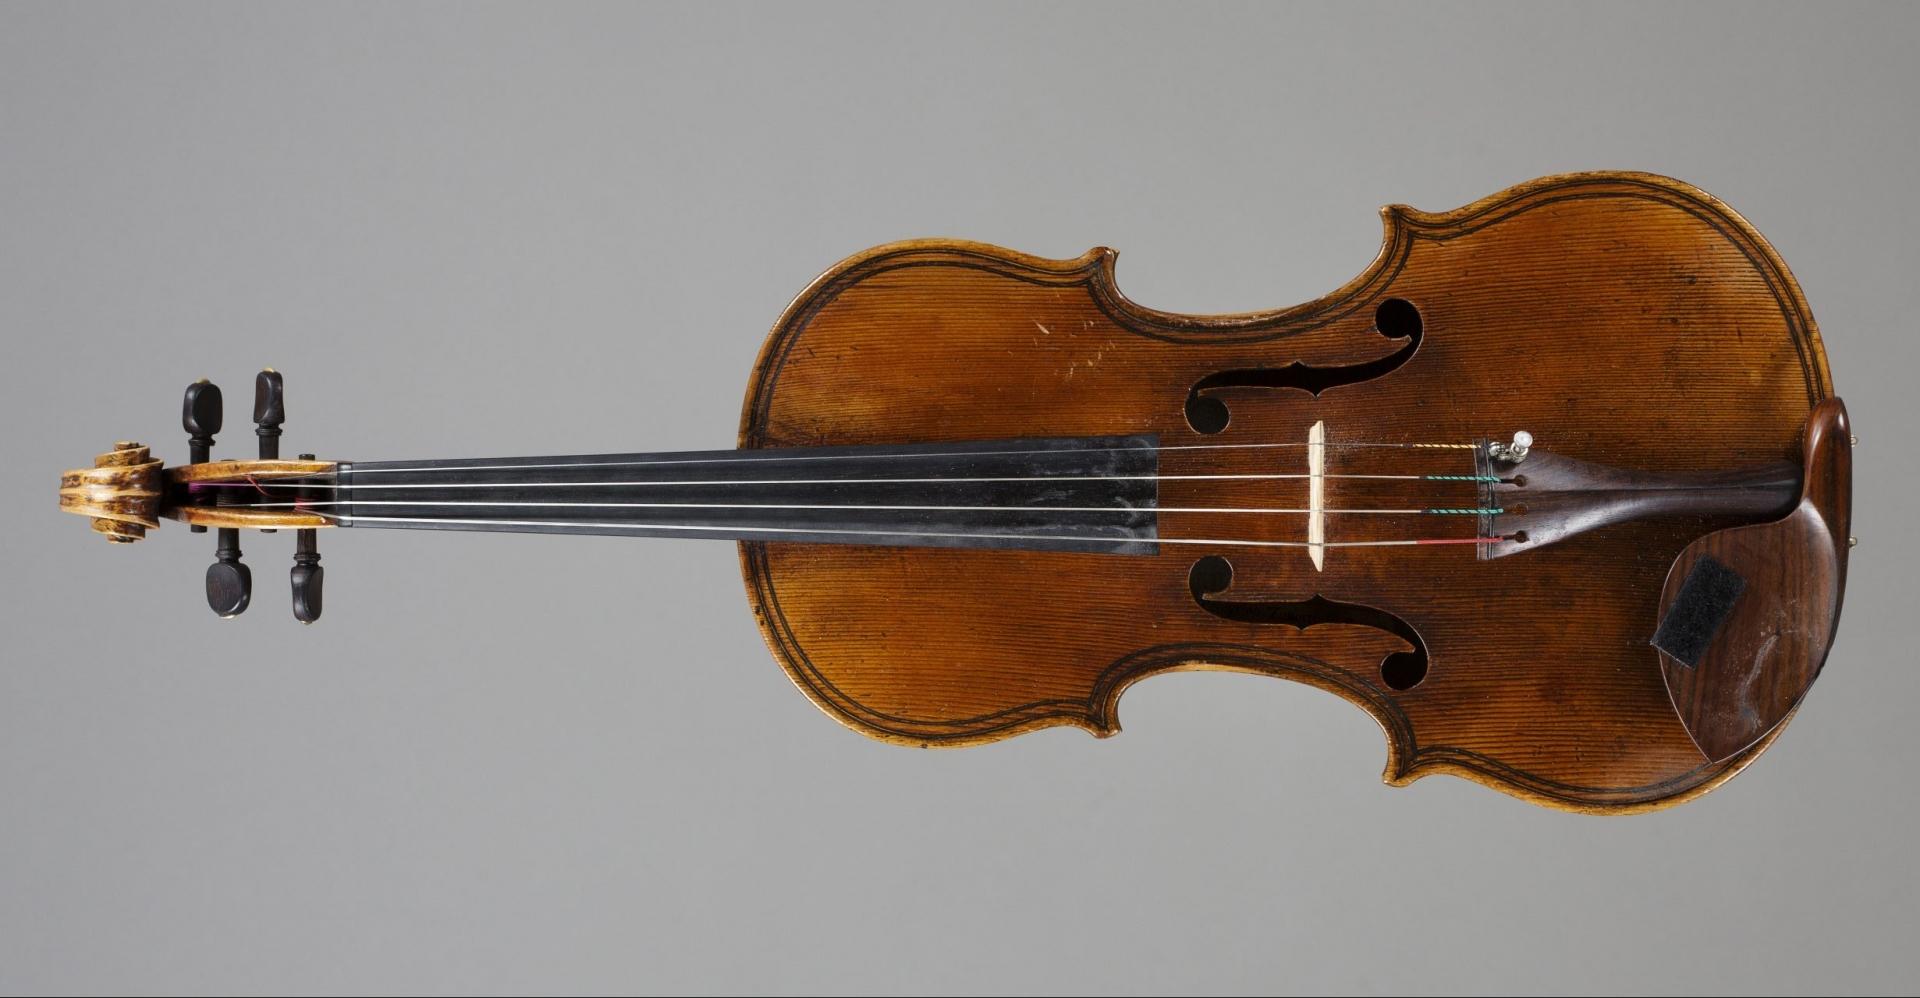 Augustinus Fonden råder over en samling af værdifulde strygeinstrumenter og flygler, som lånes ud til talentfulde musikere.